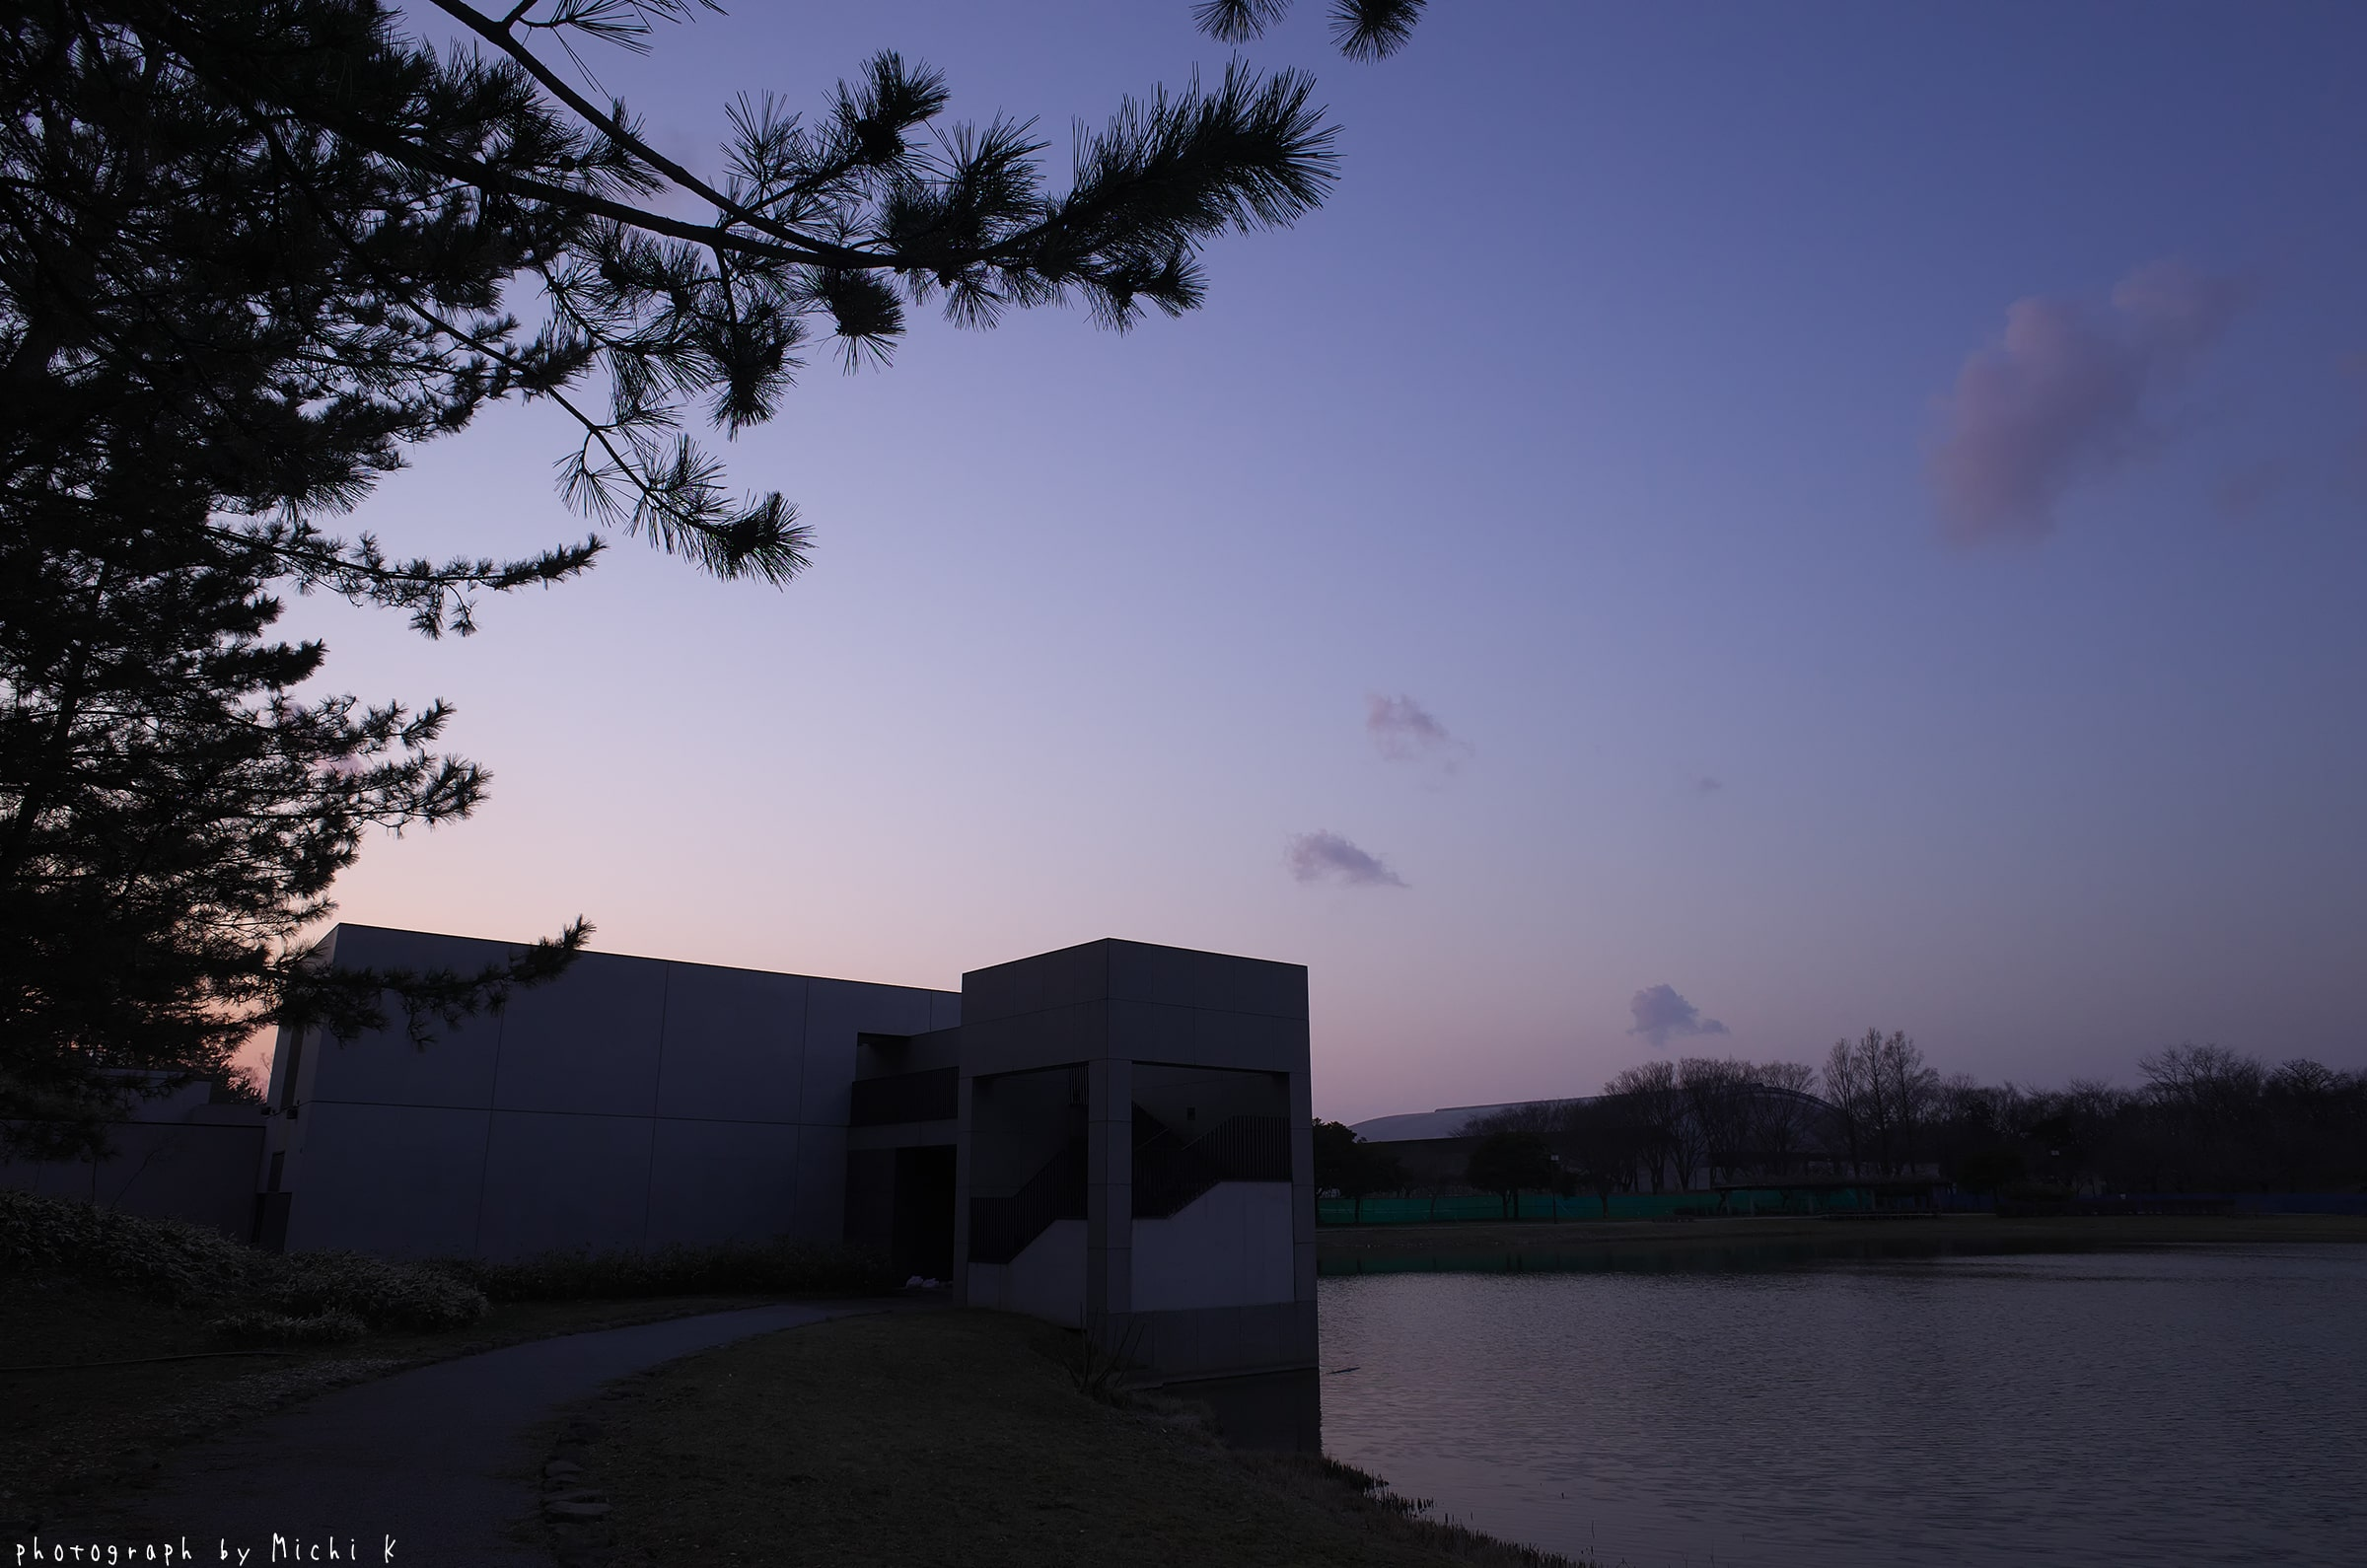 土門拳記念館にて2019-3-2夕方(写真その6)